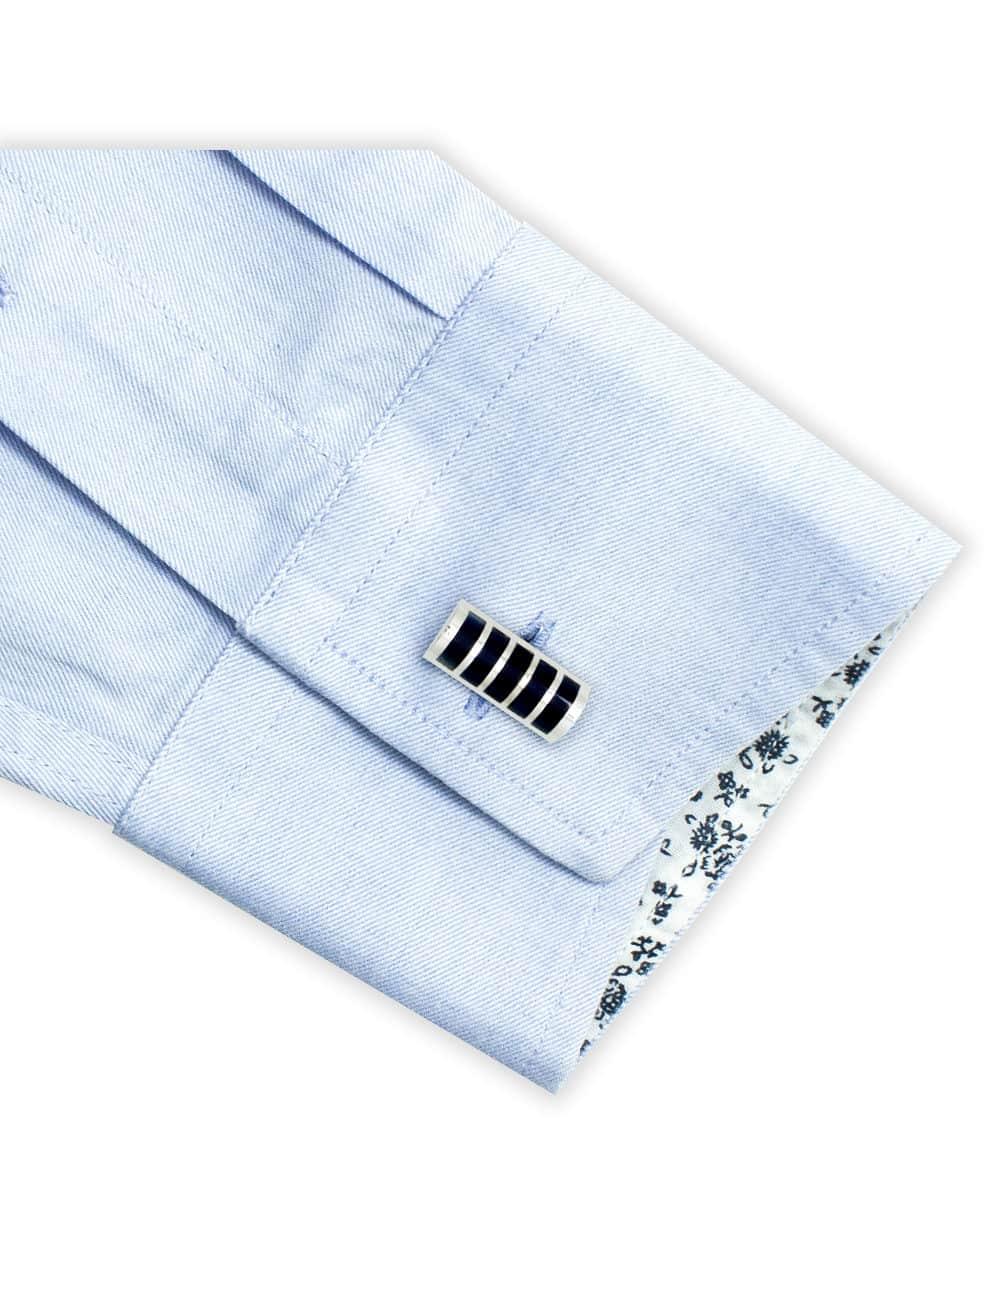 Navy Blue Enamel Stripes in Chrome Silver Cufflink C121FC-040A.